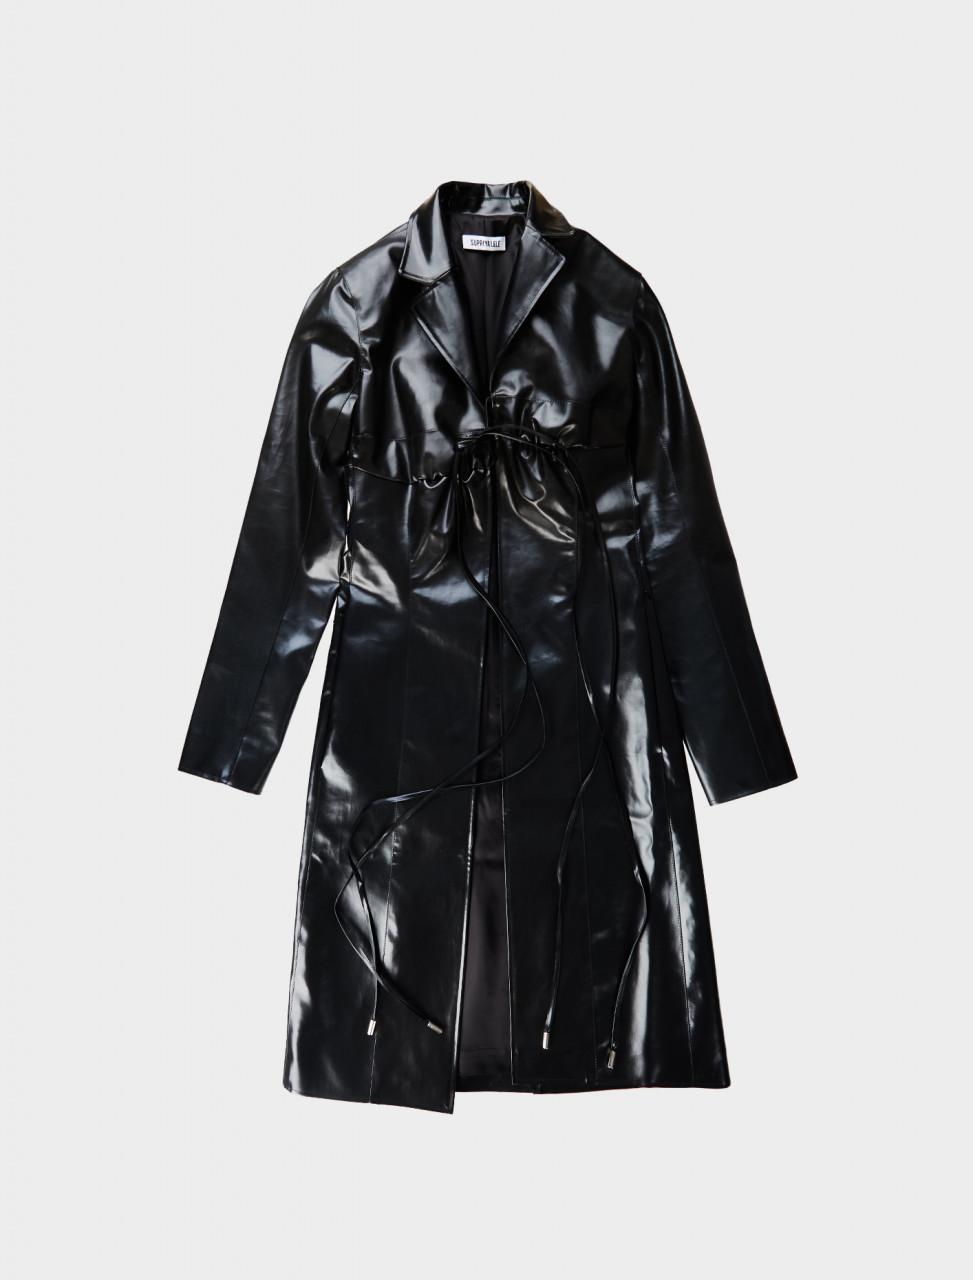 Supriya Lele Rubberised Bra Coat in Black